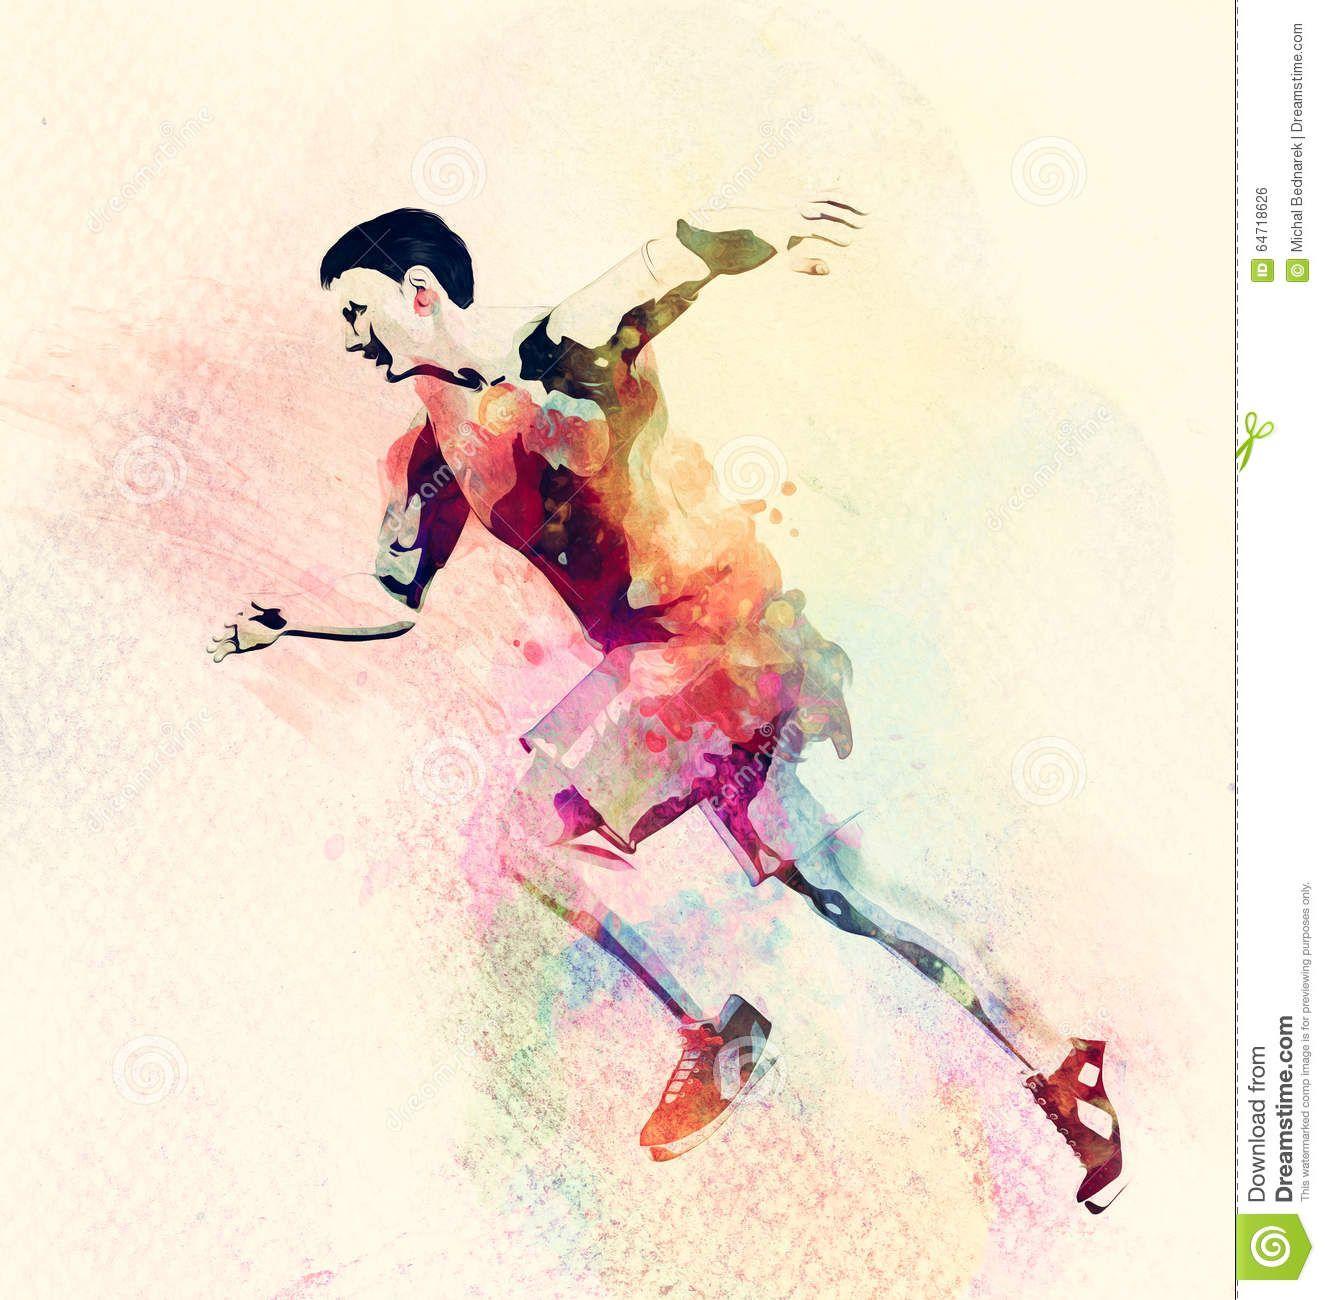 Znalezione obrazy dla zapytania sport watercolor